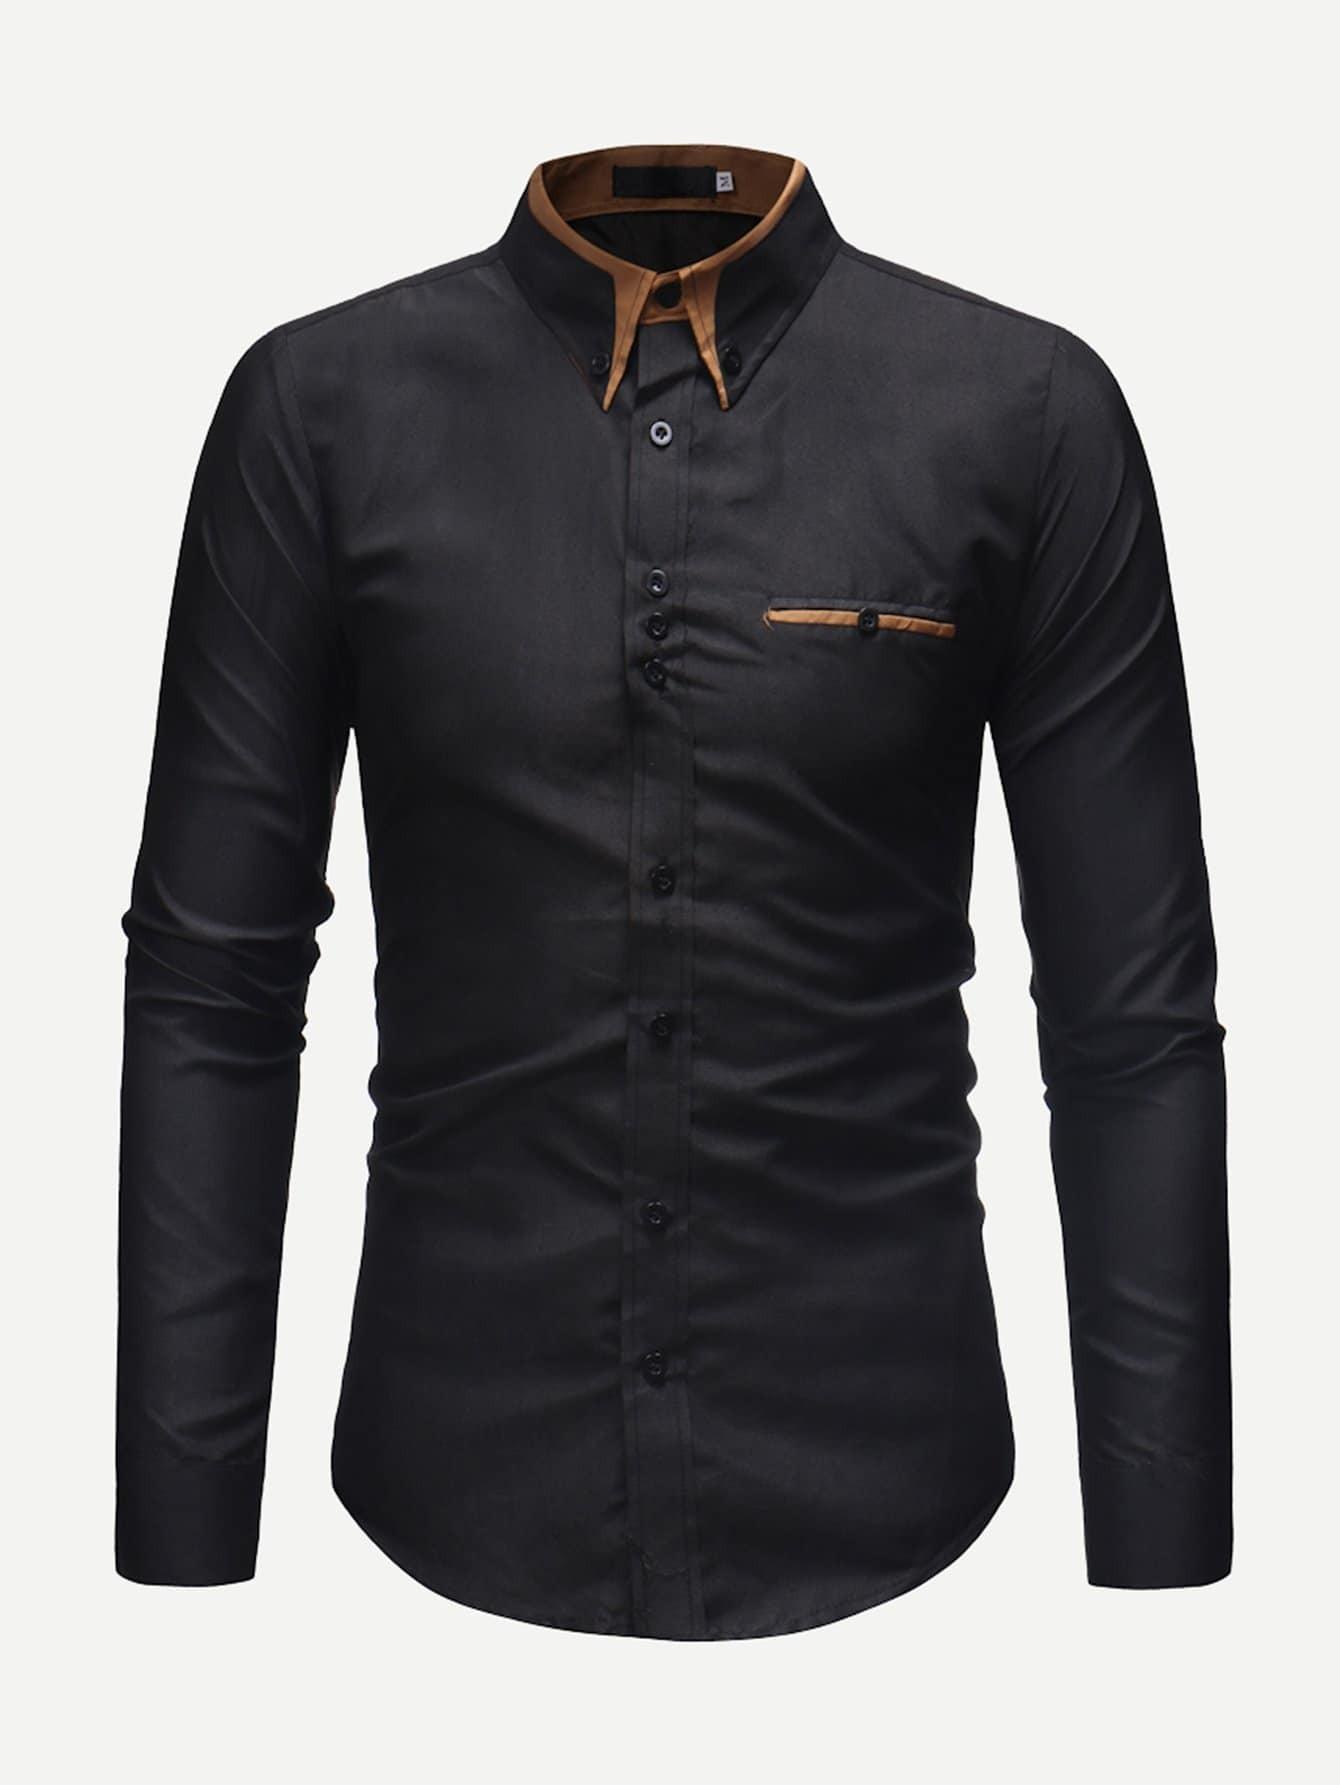 Купить Мужская футболка с контрастным воротником и длинными рукавами, null, SheIn